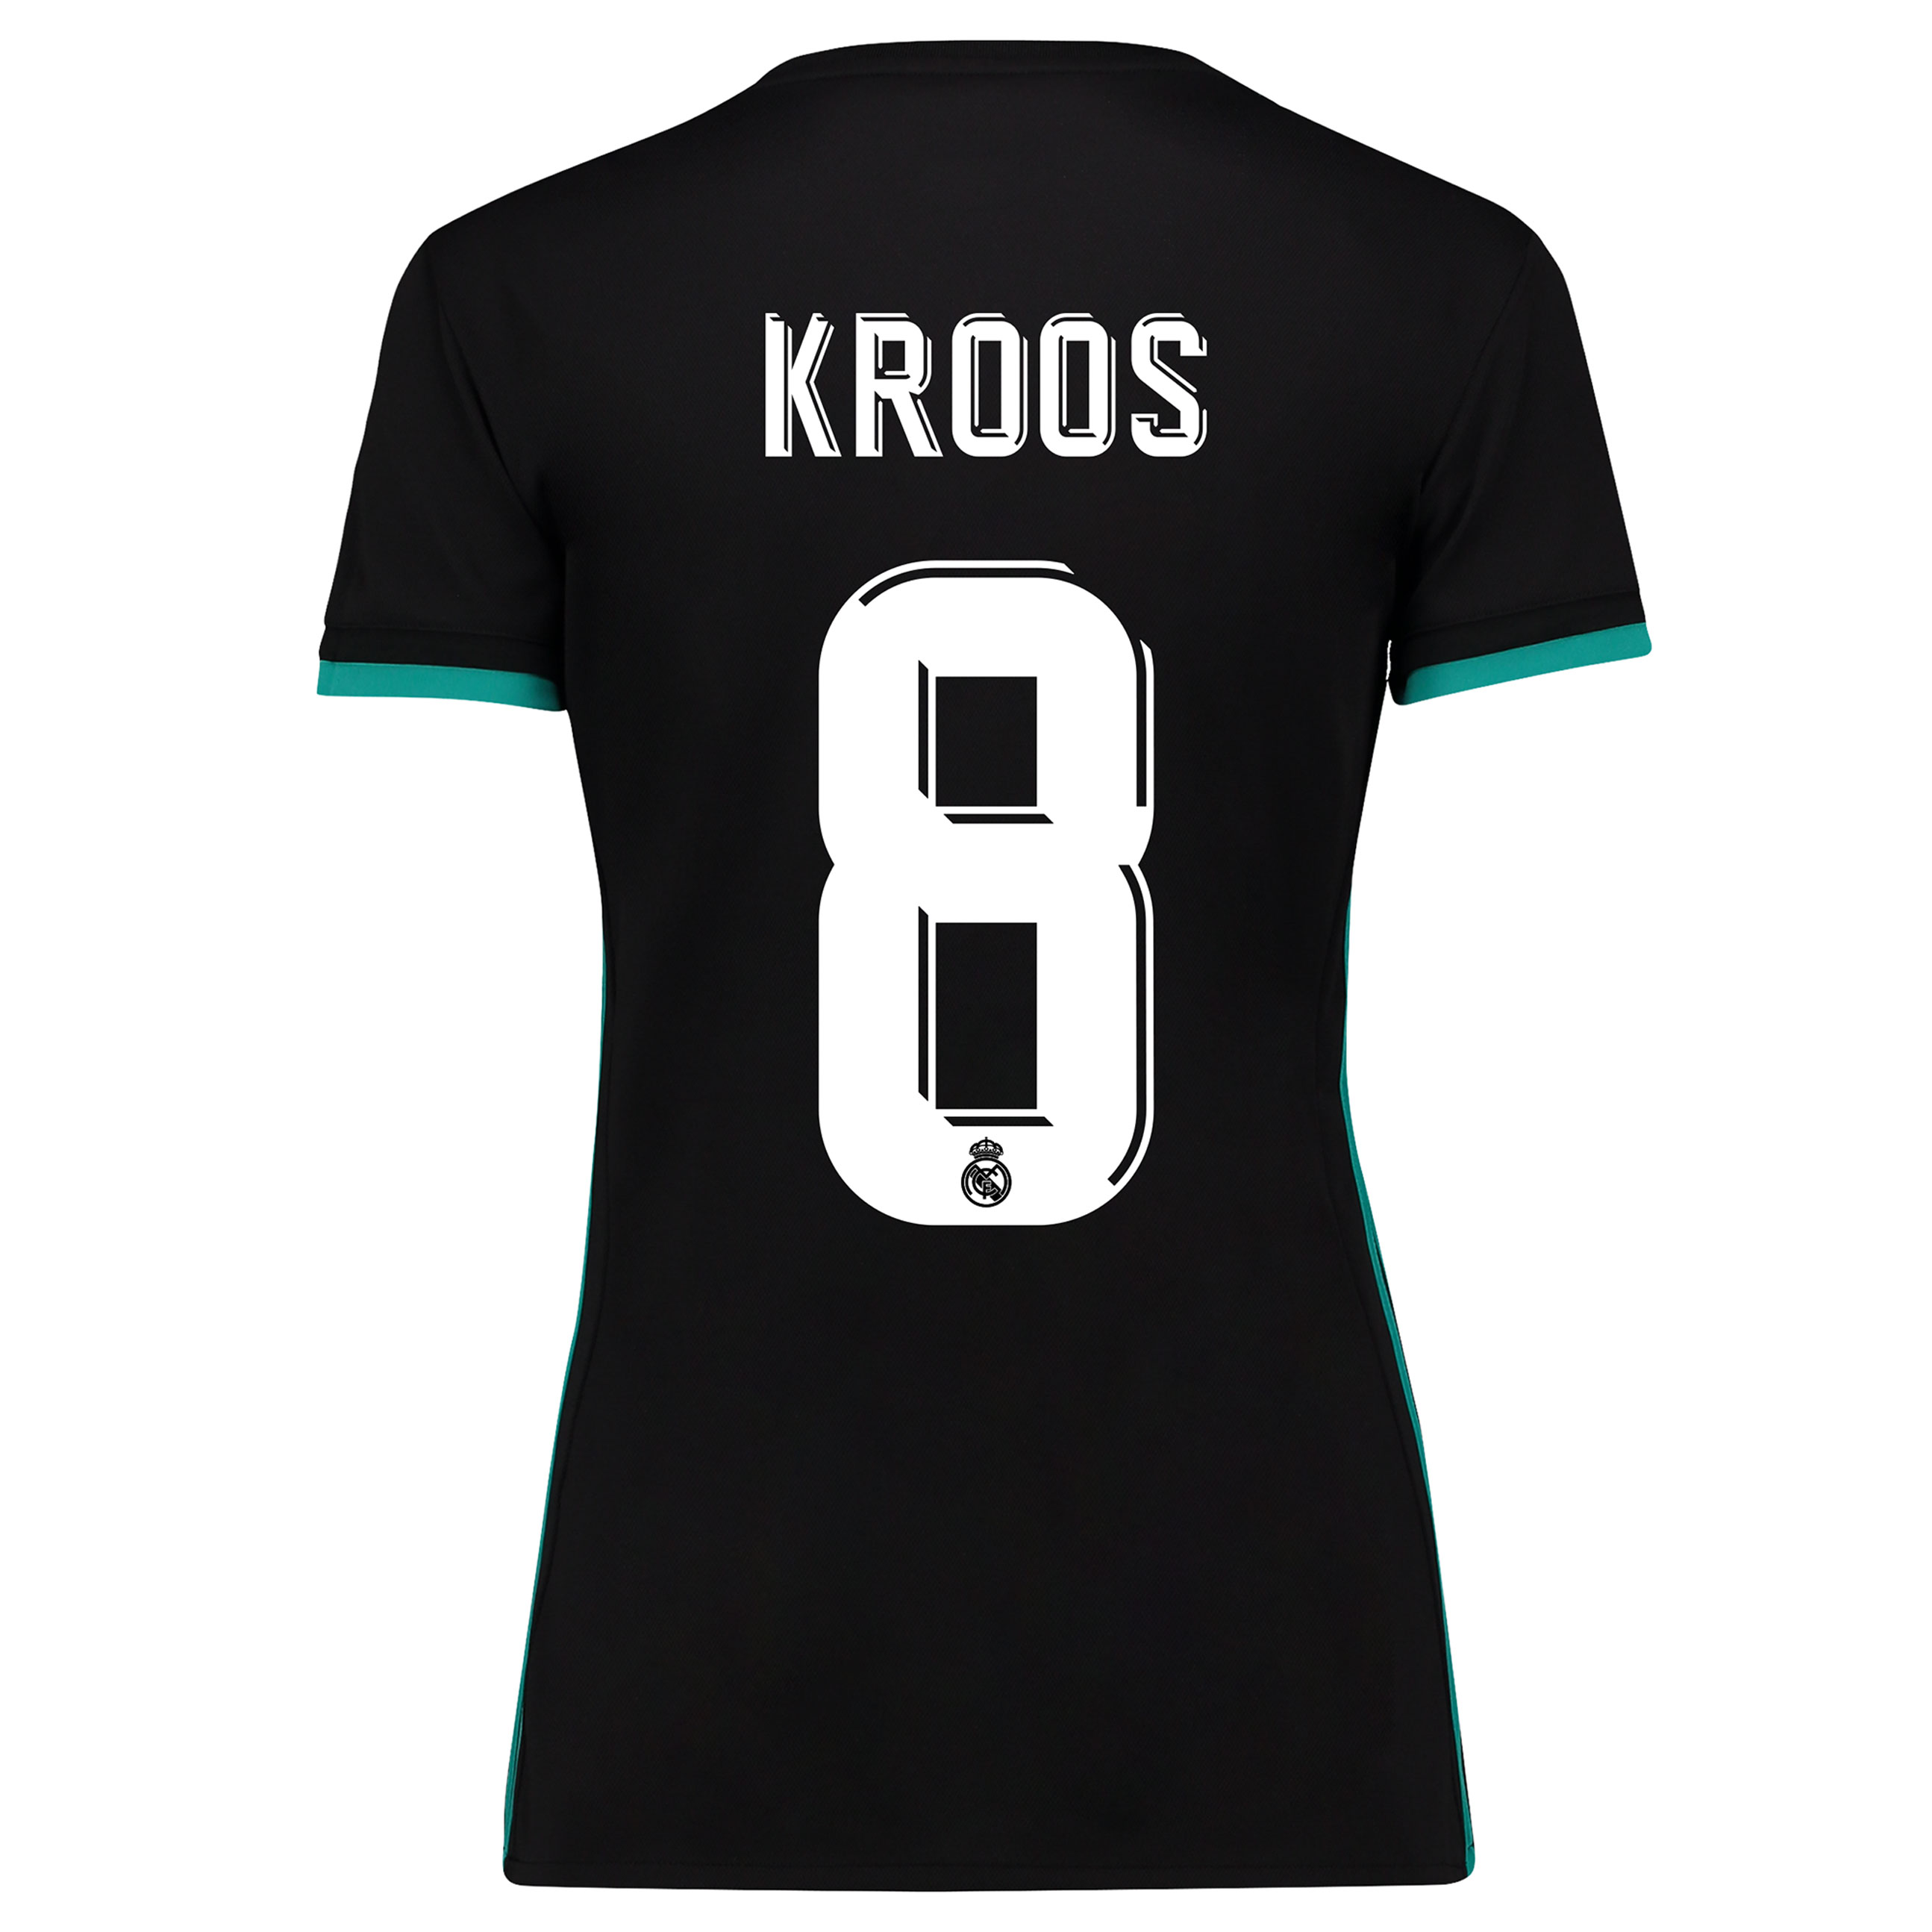 Camiseta de Kroos 8 de mujer en manga corta - 2ª equipación del Real Madrid 2017/18